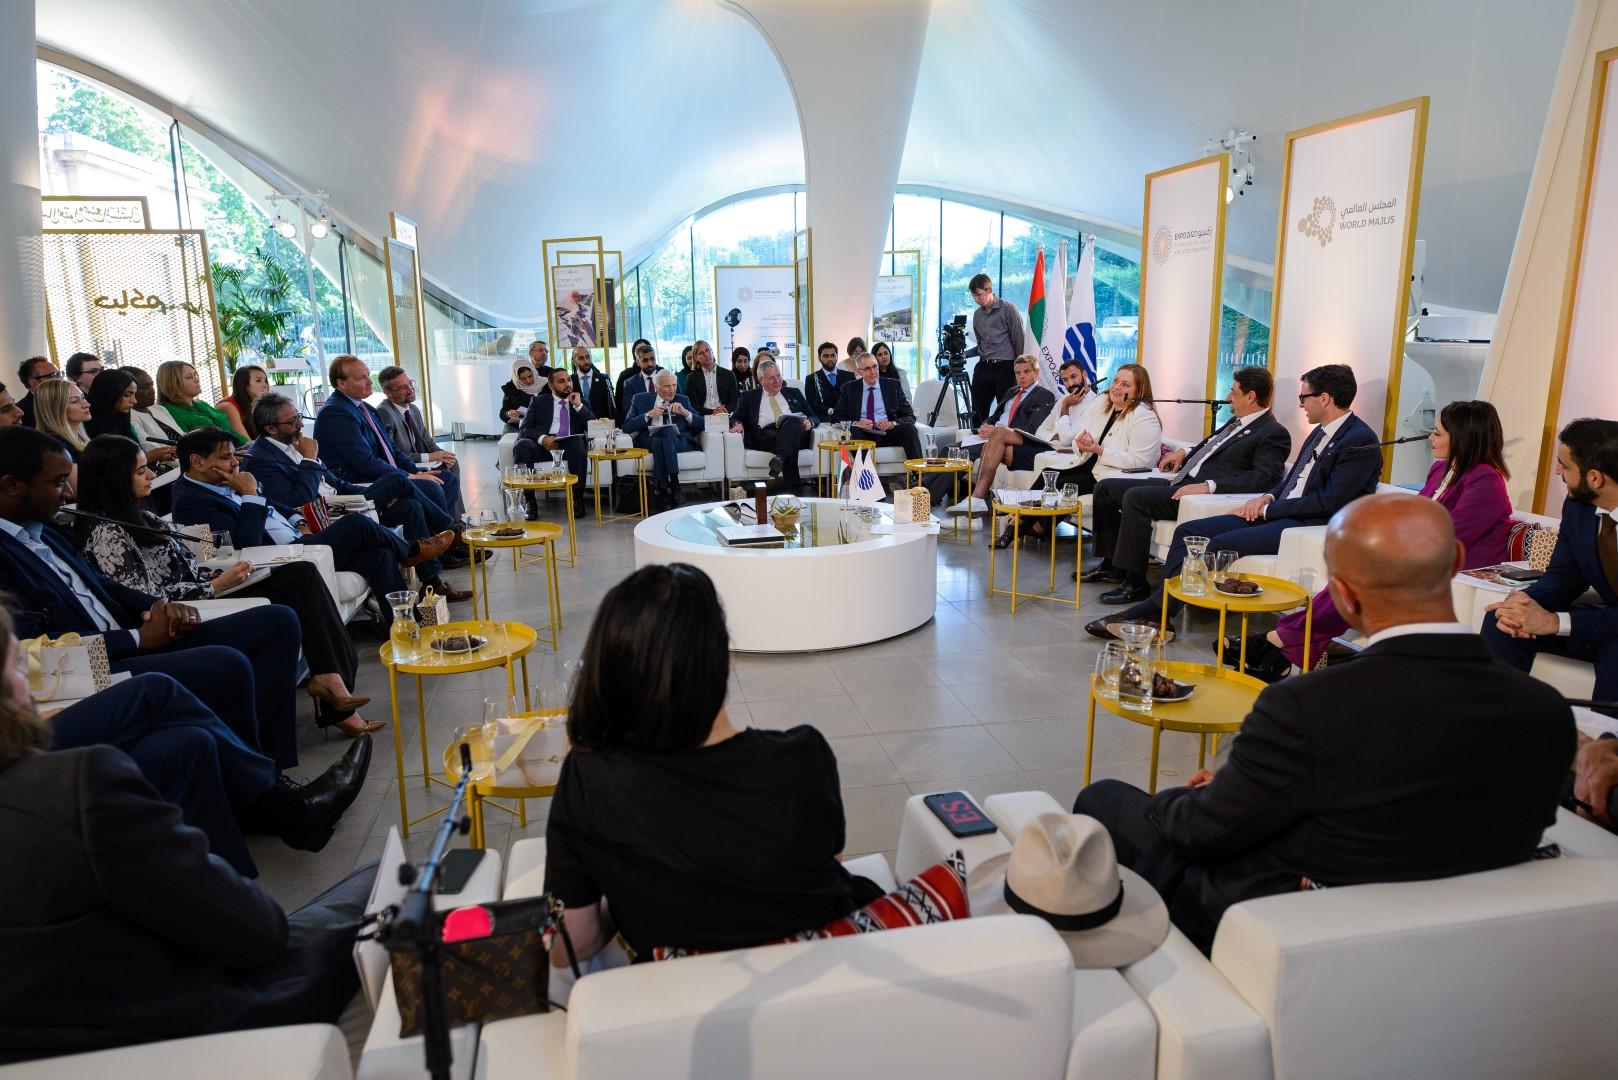 """المجلس العالمي لـ """" إكسبو 2020 """" يبحث الواقع المعزز وتأثيره على مستقبل البشرية"""